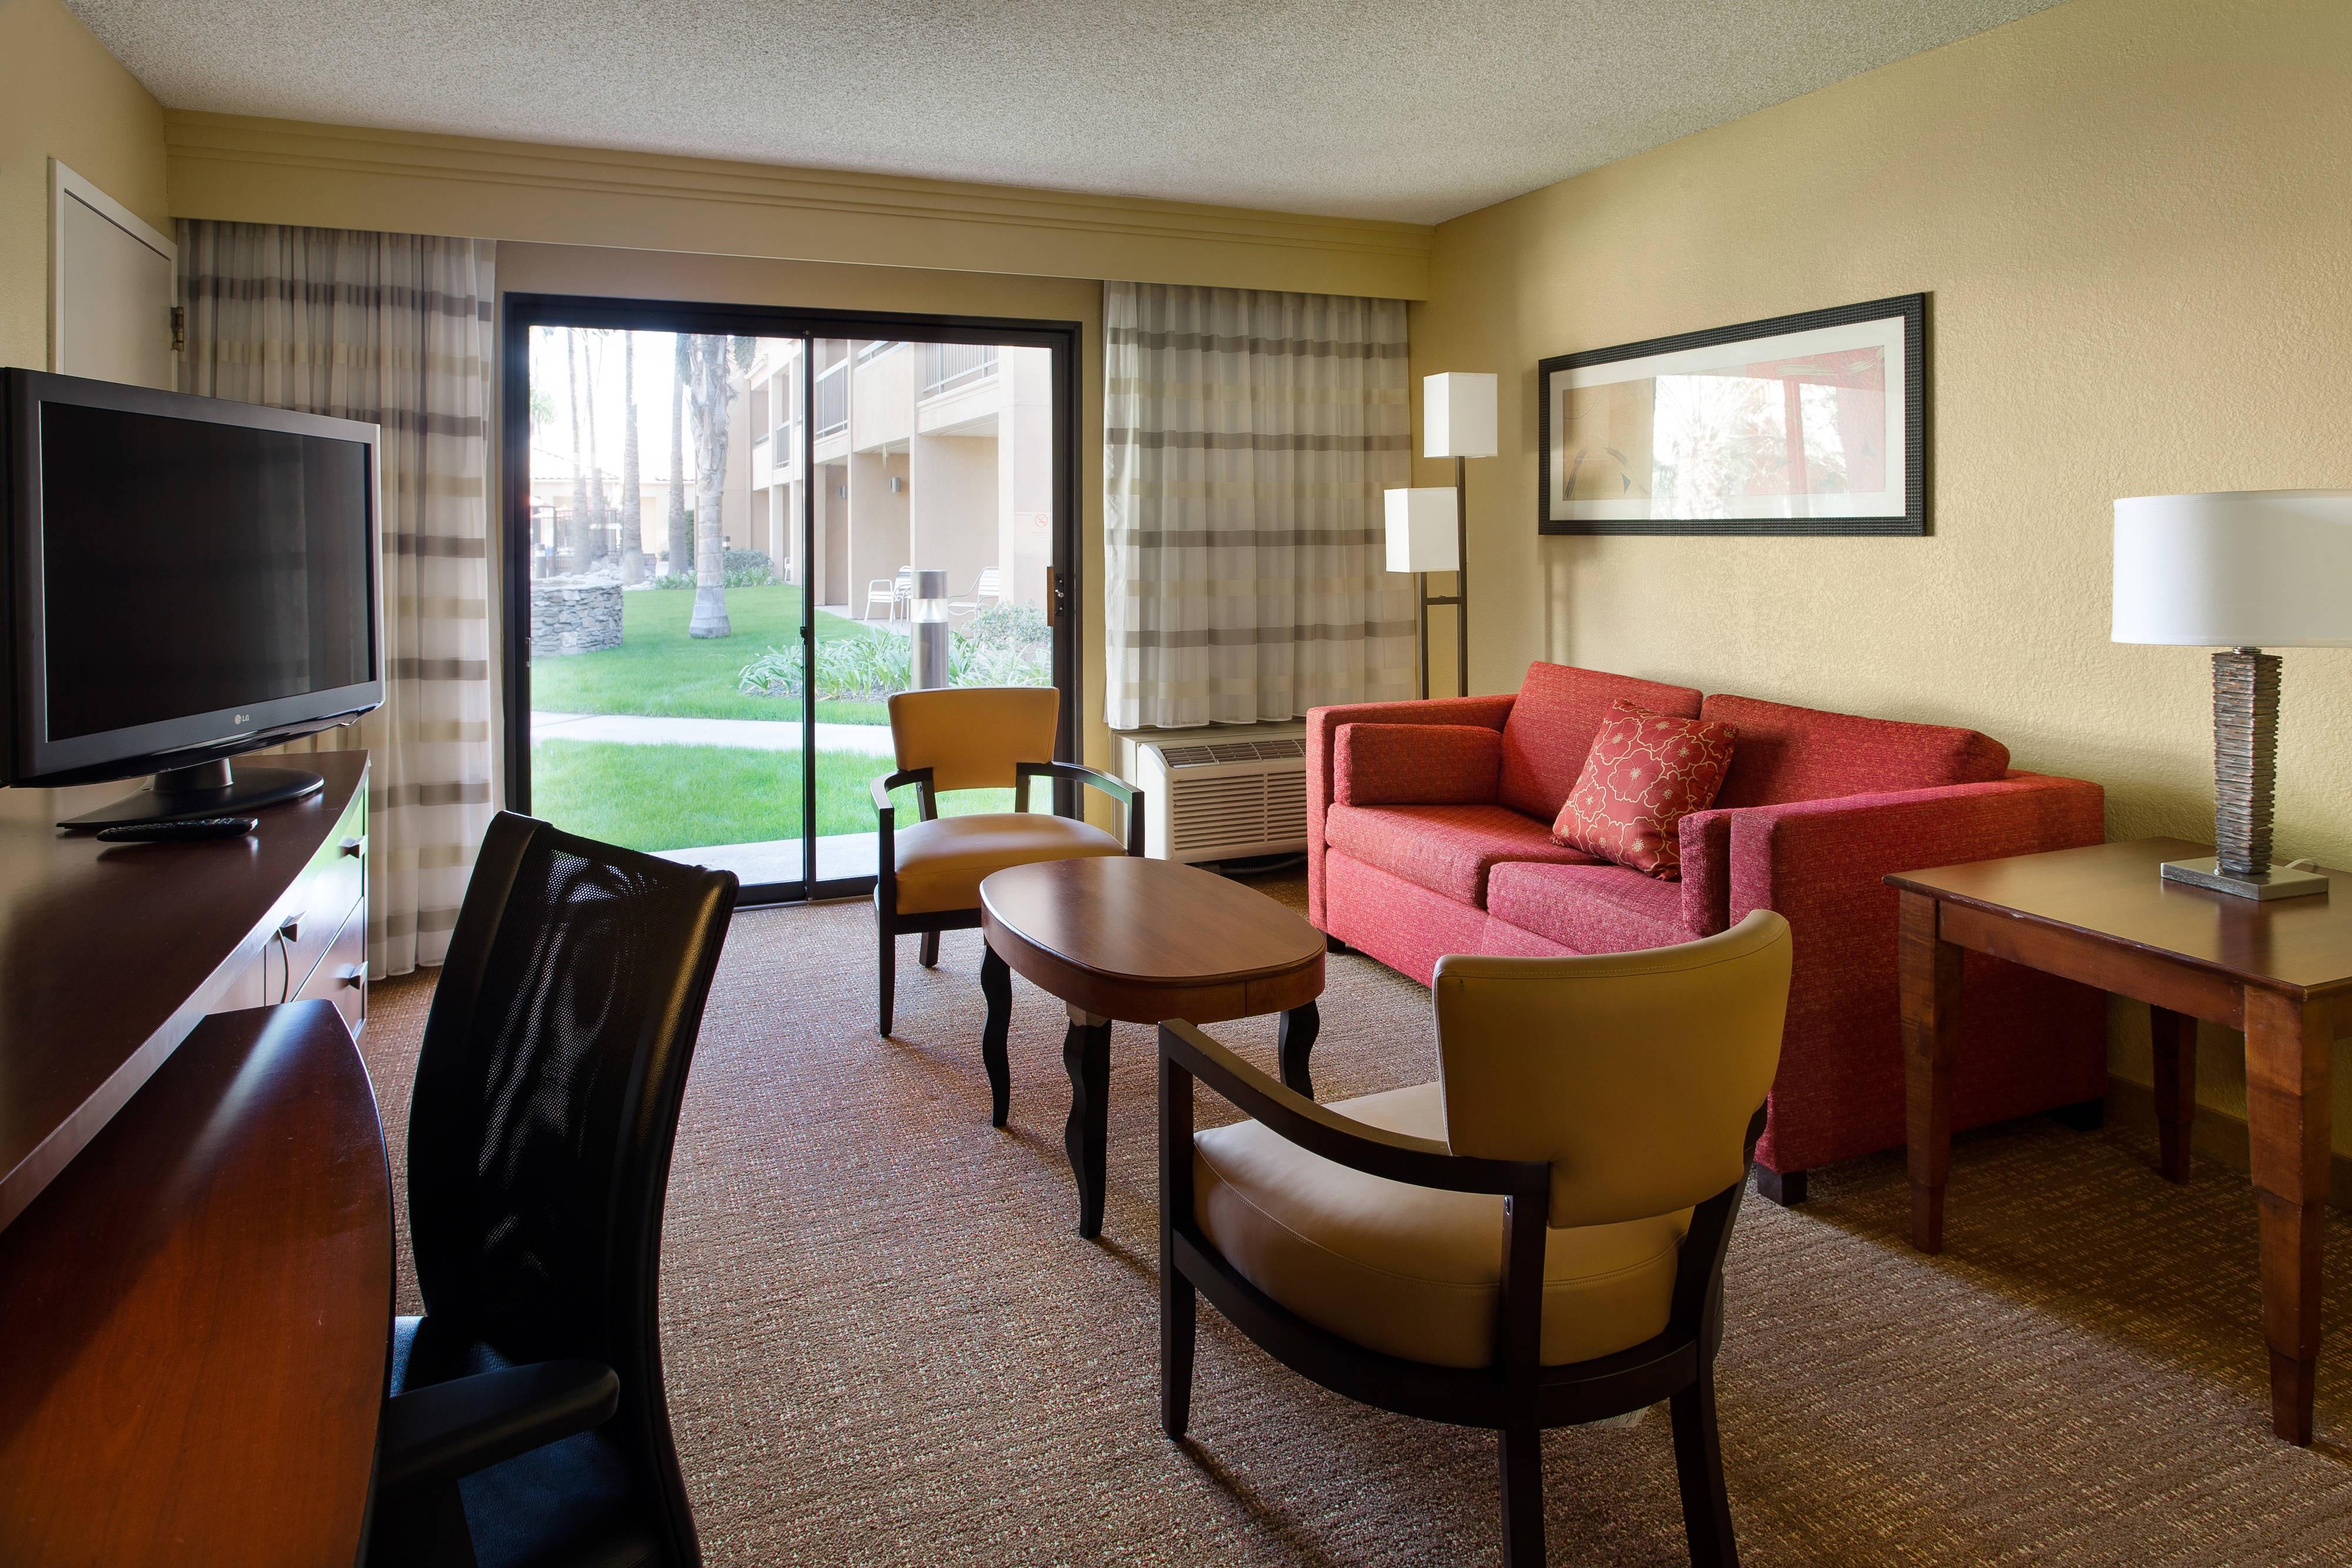 Marriott hotel near Knott's Berry Farm